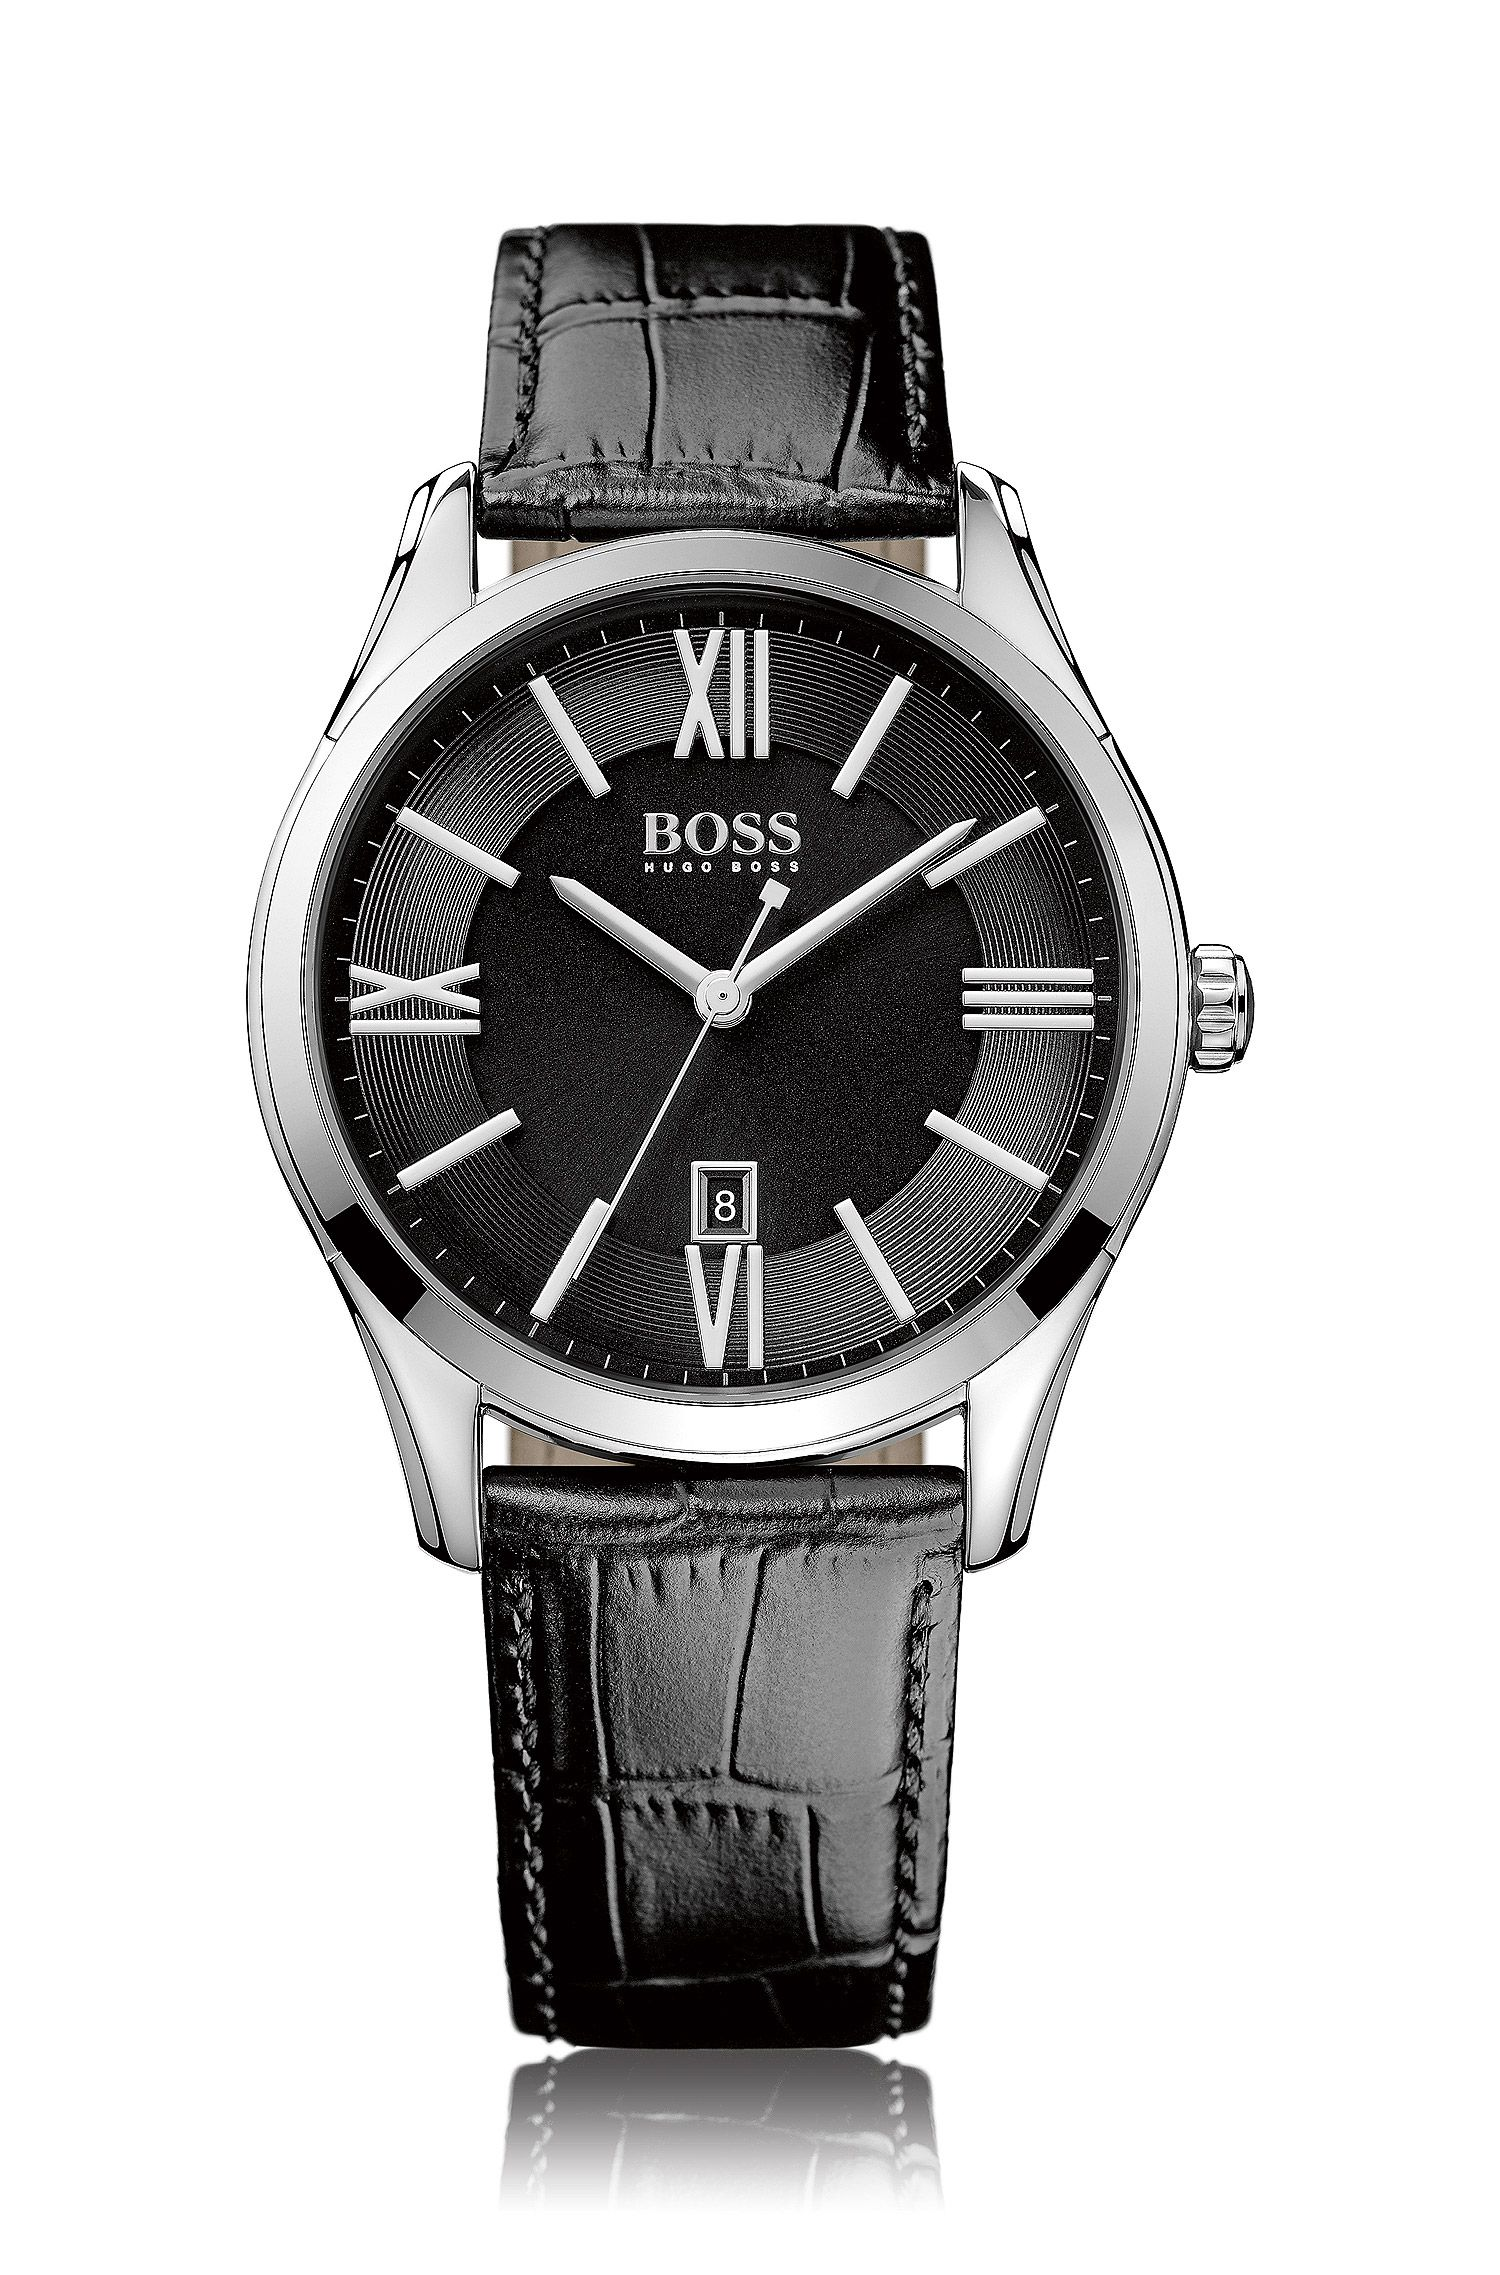 Uhr aus poliertem Edelstahl mit drei Zeigern und Guilloche-Detail